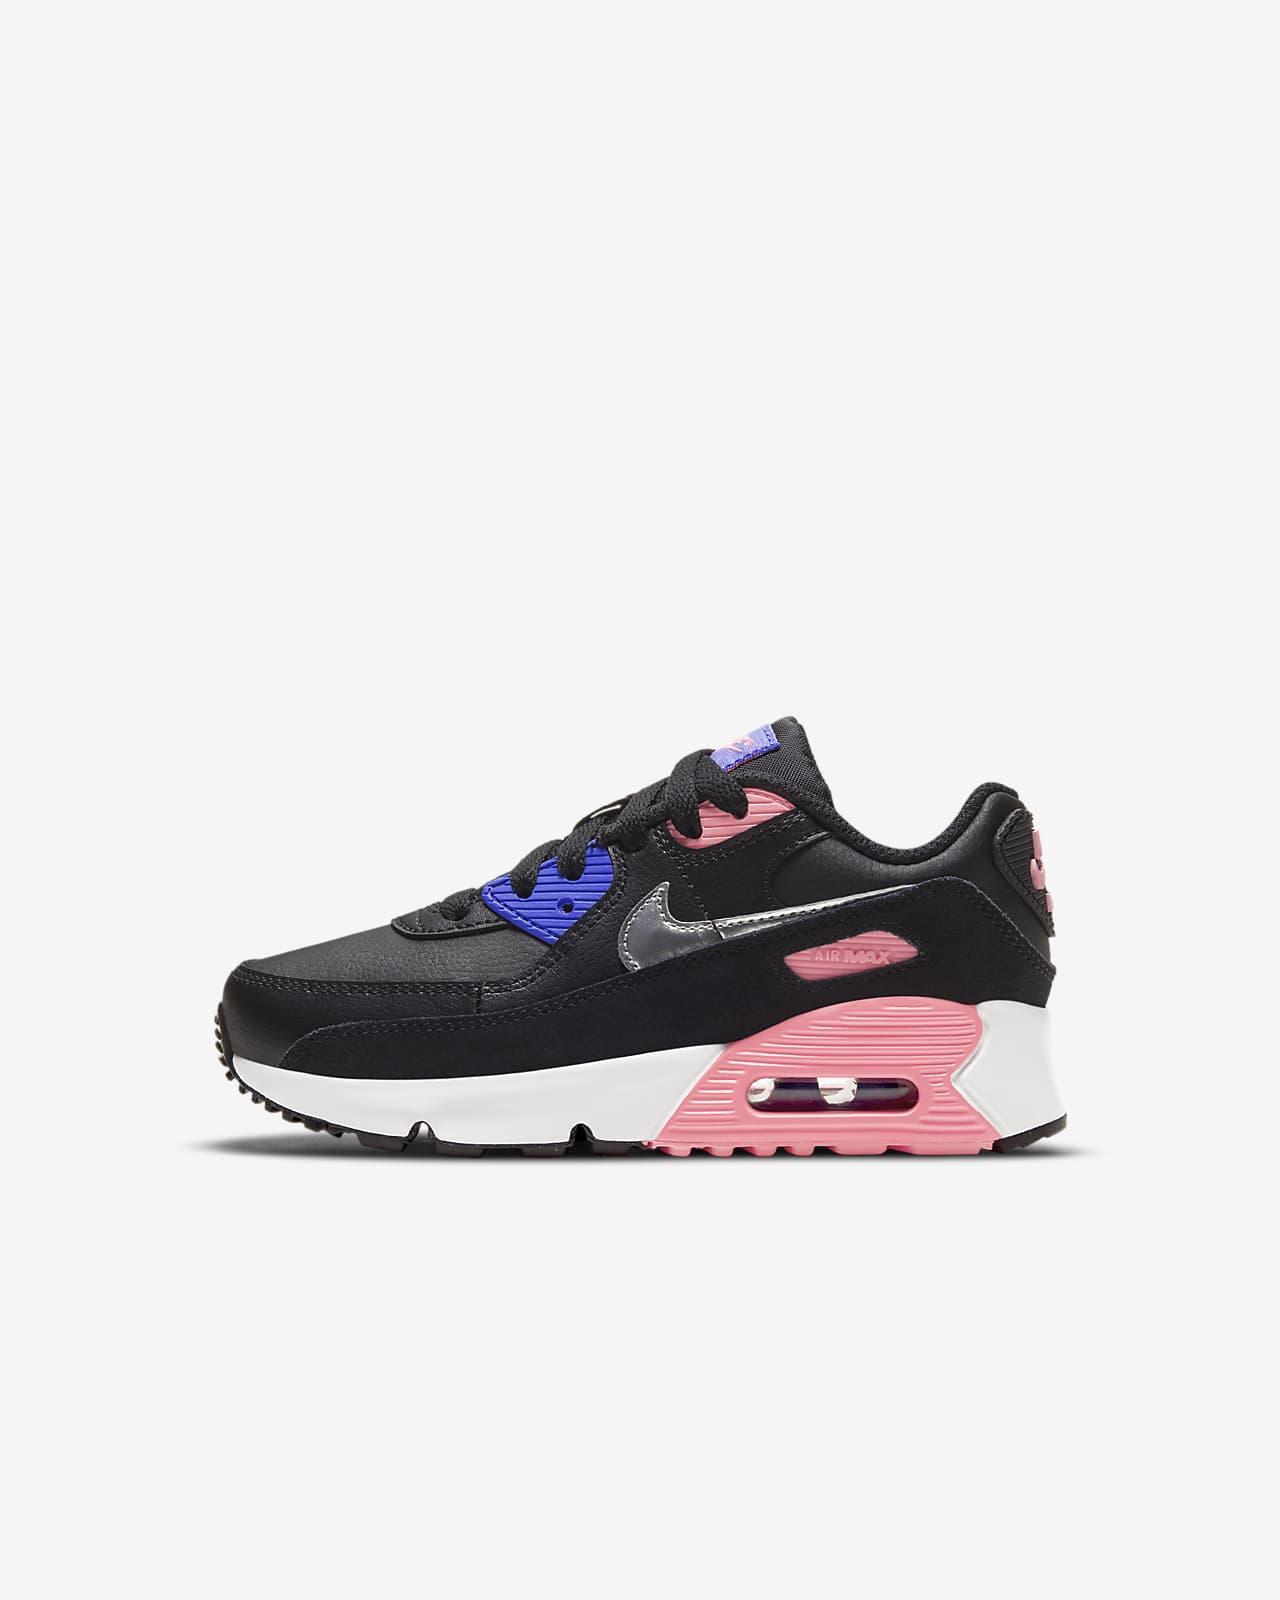 Adicto Ventilación efecto  Nike Air Max 90 Schuh für jüngere Kinder. Nike CH